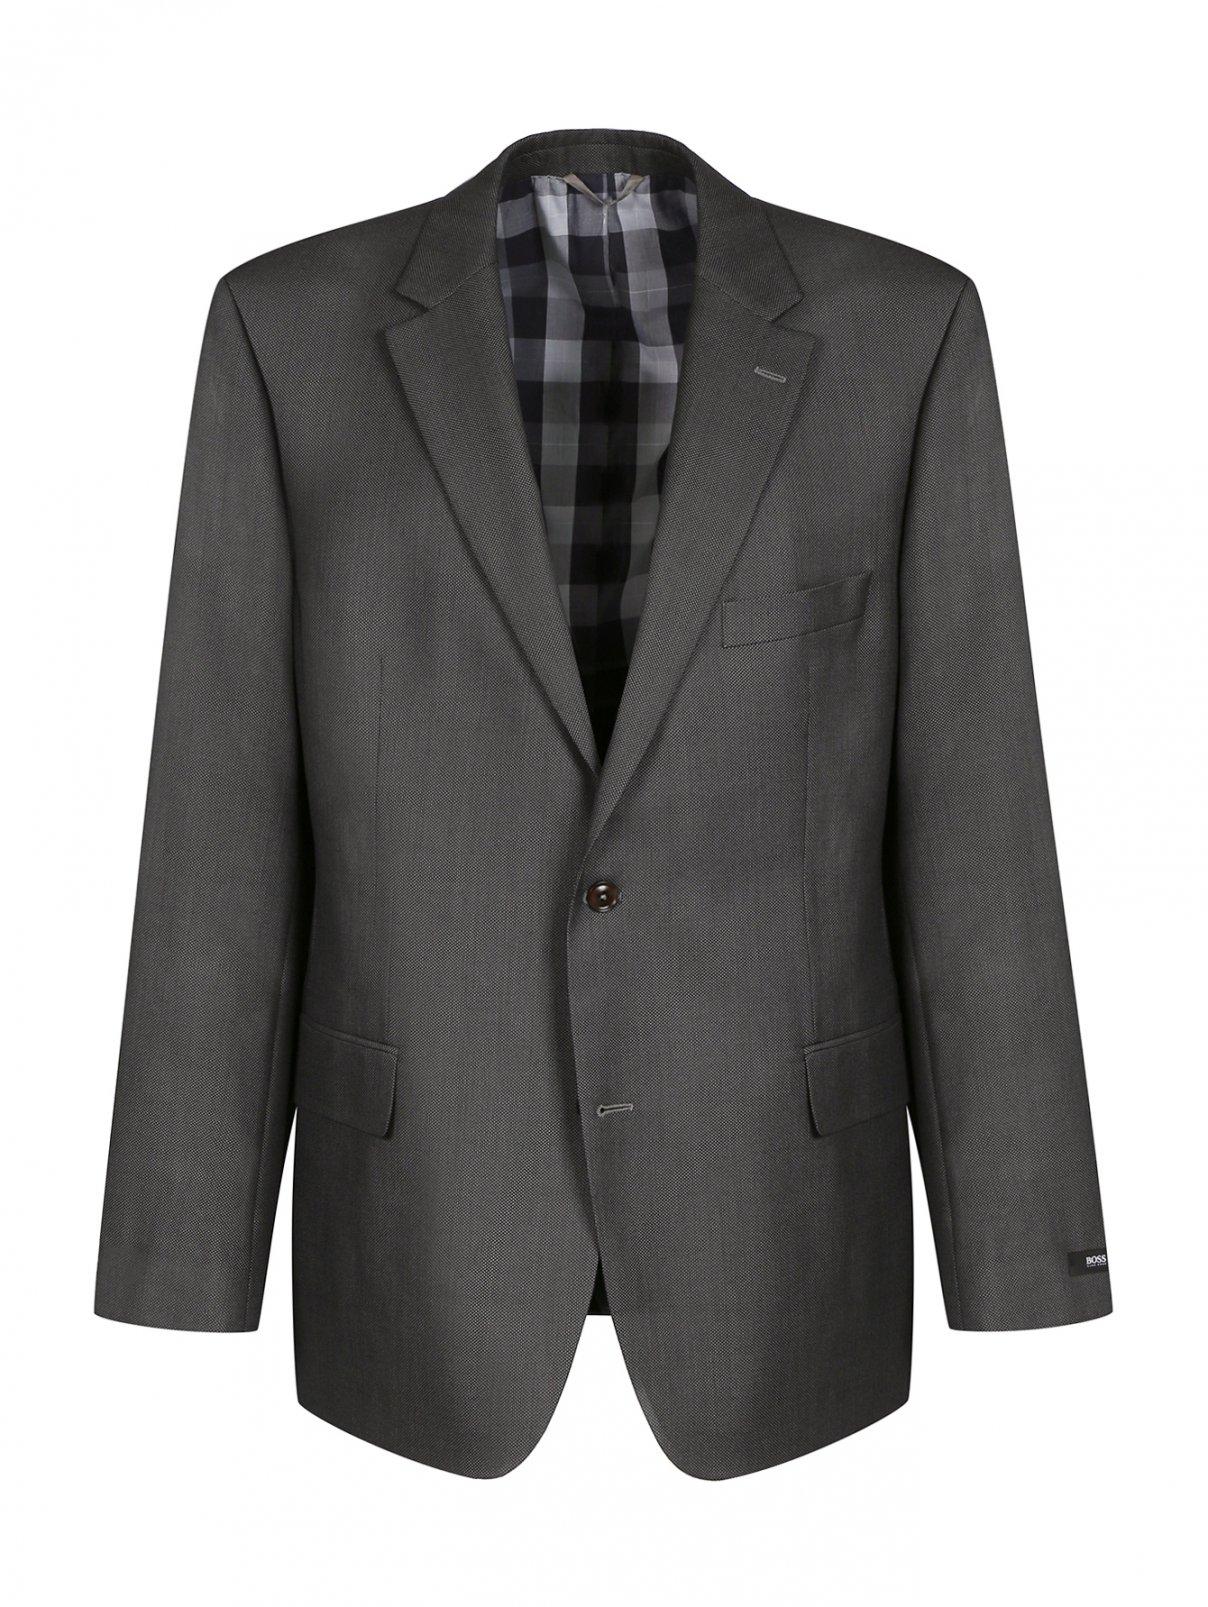 Пиджак однобортный из шерсти Boss  –  Общий вид  – Цвет:  Серый